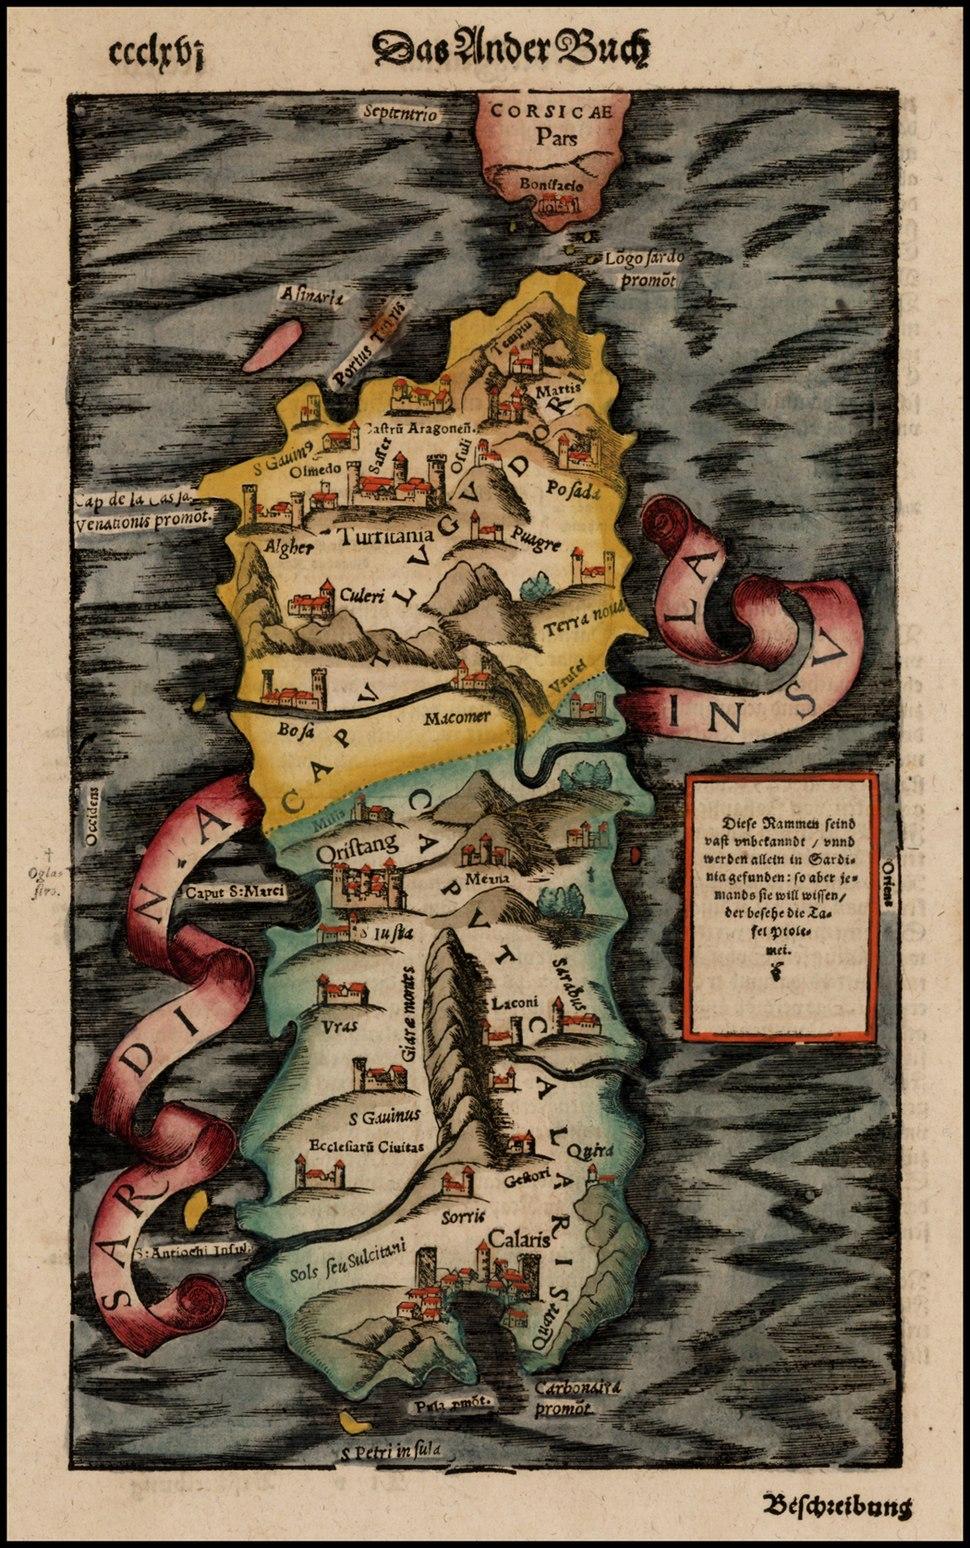 Kingdom of Sardinia 16th century map